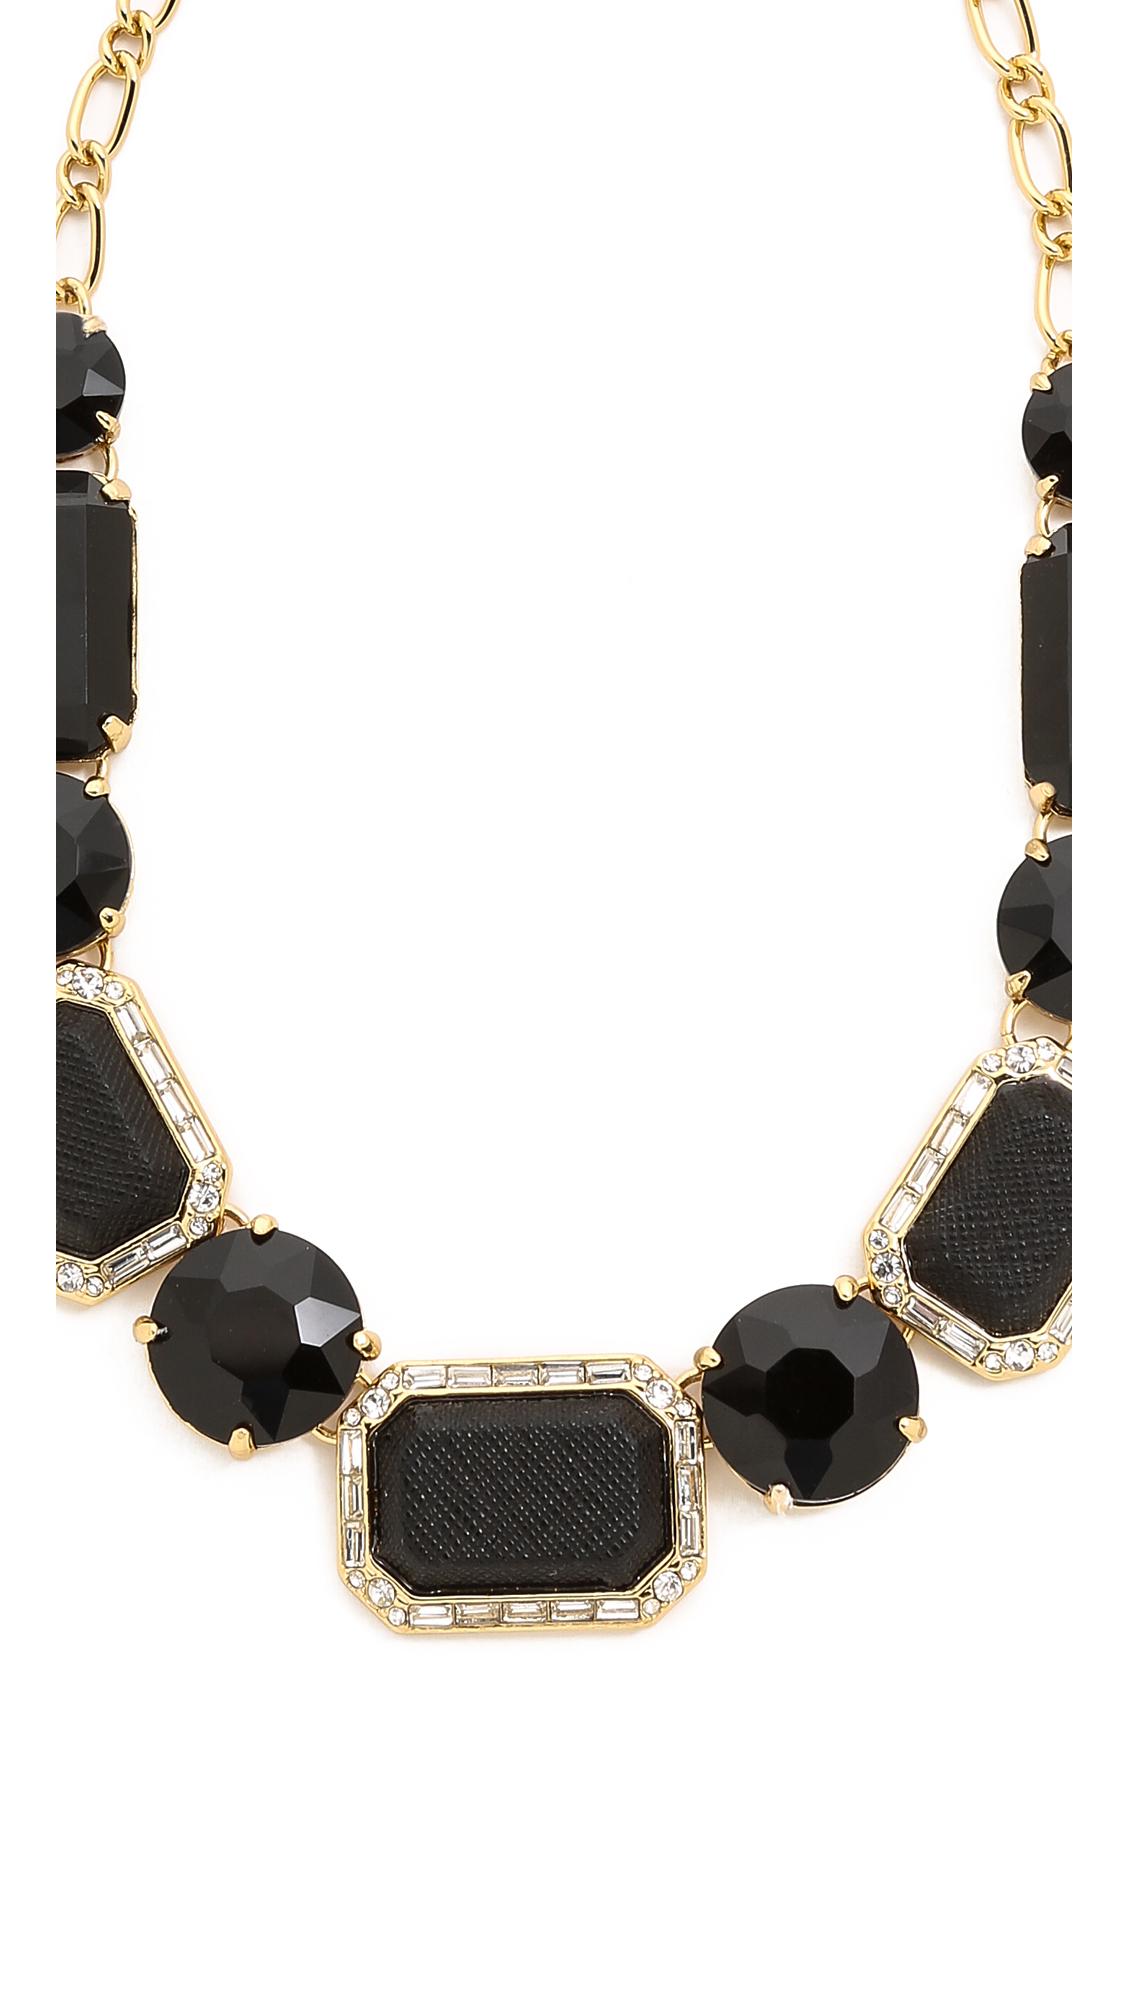 kate spade new york jackpot jewels necklace black in. Black Bedroom Furniture Sets. Home Design Ideas